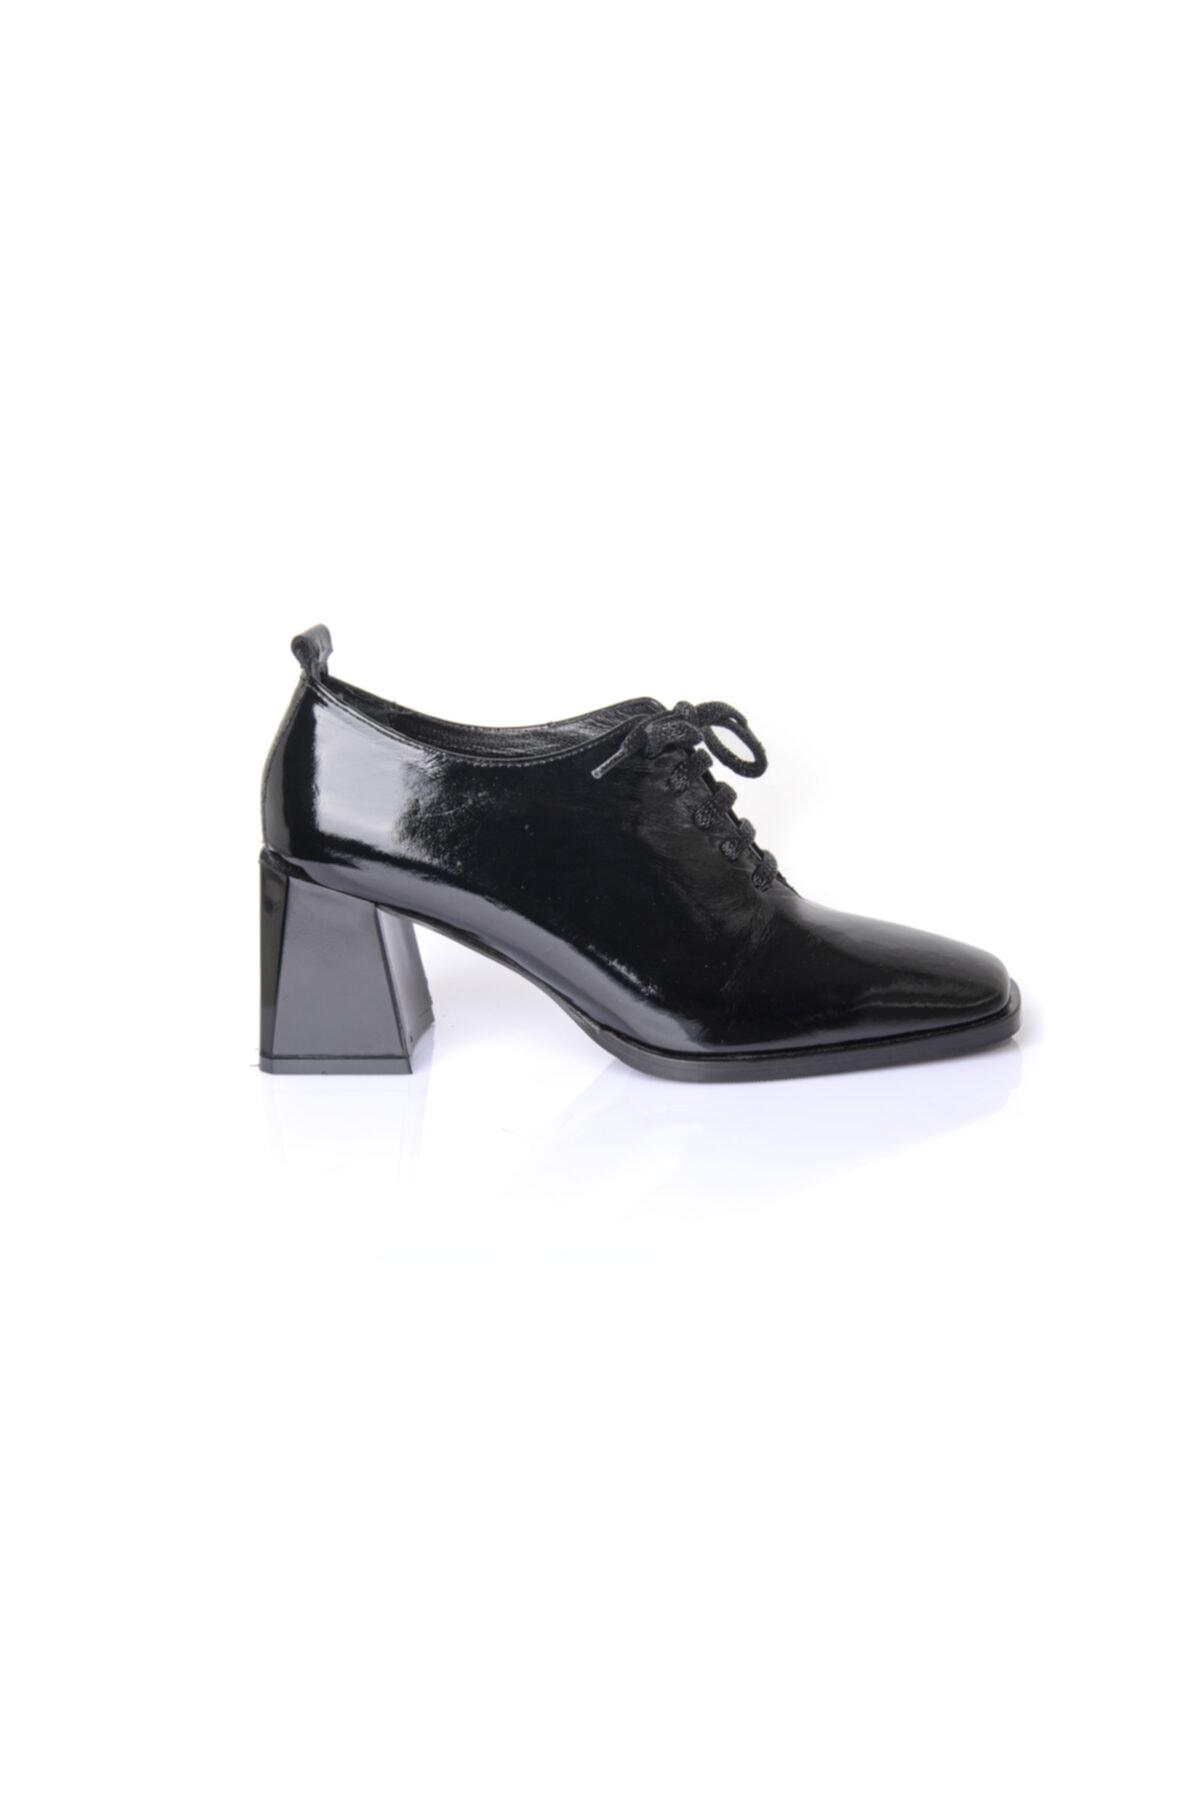 RUKASHOES Kadın Siyah Rugan Hakiki Deri Ayakkabı 7235 1